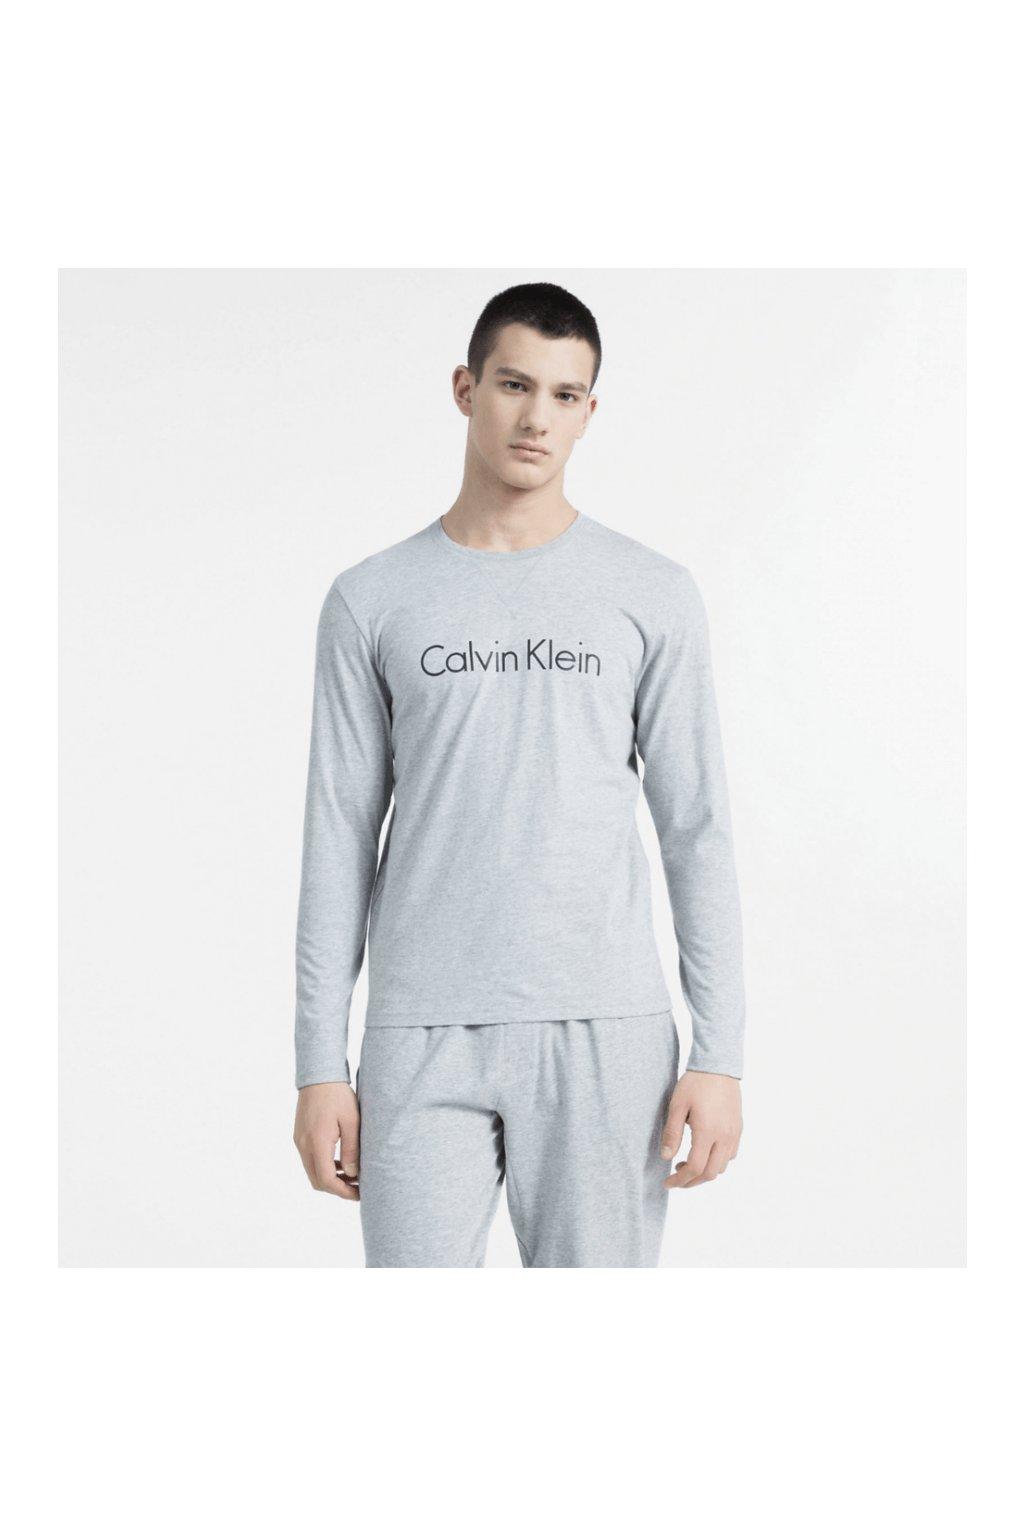 Calvin Klein Tričko S Dlouhým Rukávem Šedé